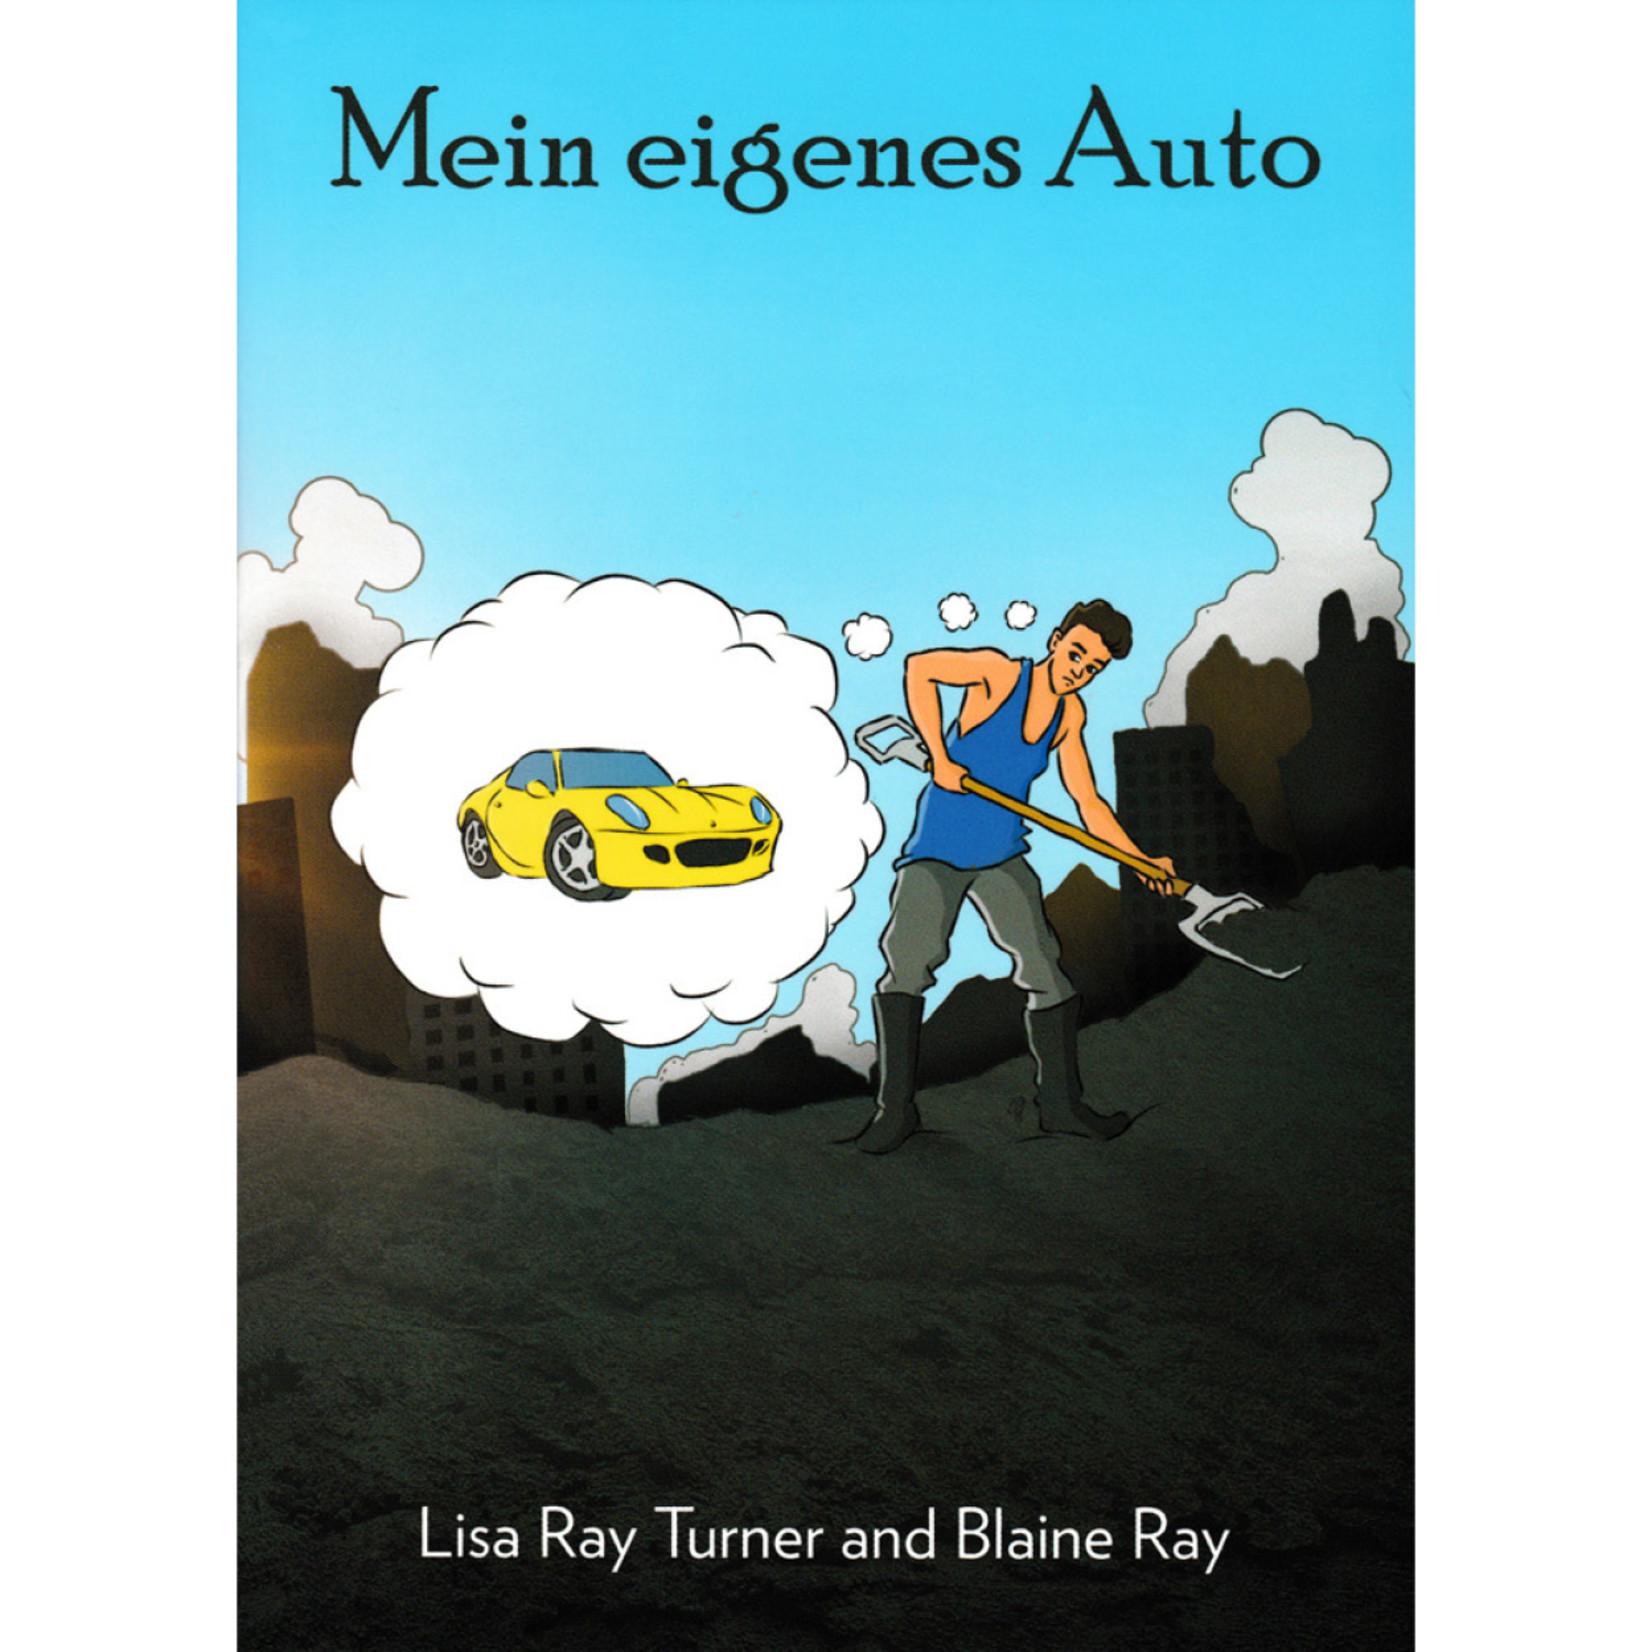 TPRS Books Mein eigenes Auto